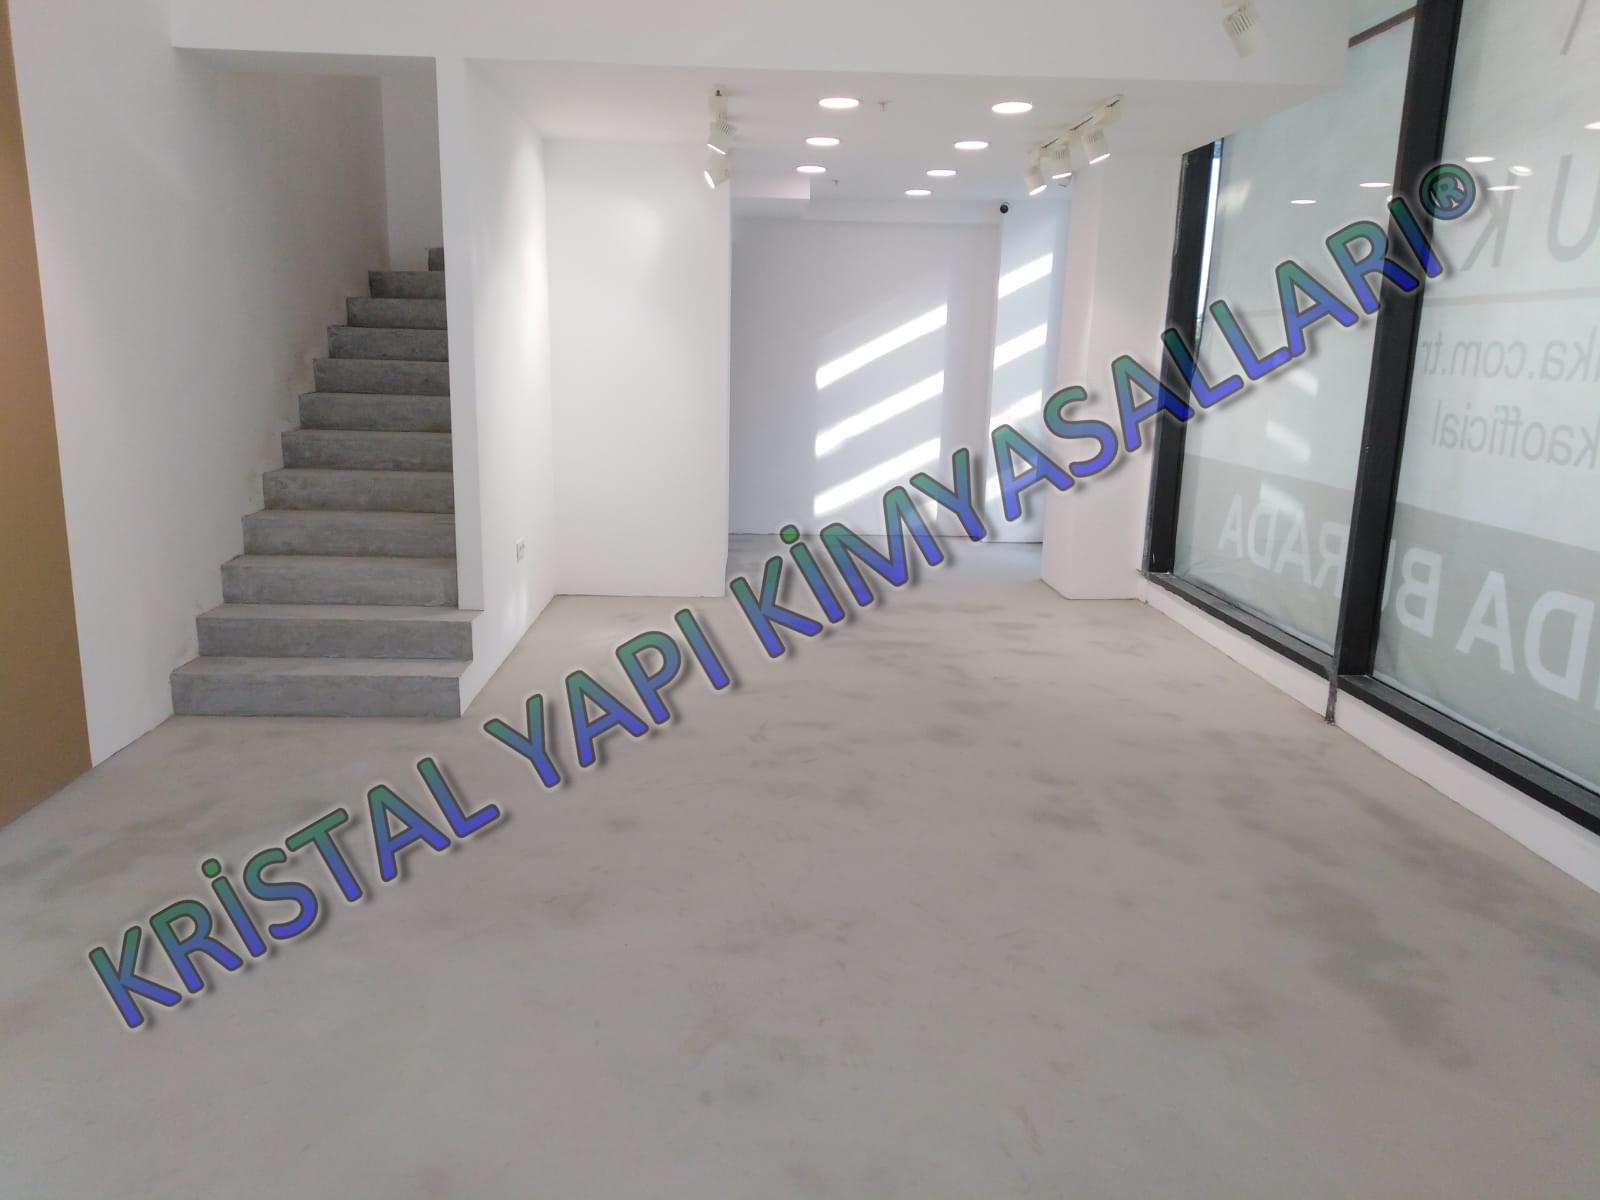 Beton görünümlü dekoratif kaplama, dekoratif merdiven kaplama, mikro beton merdiven kaplaması